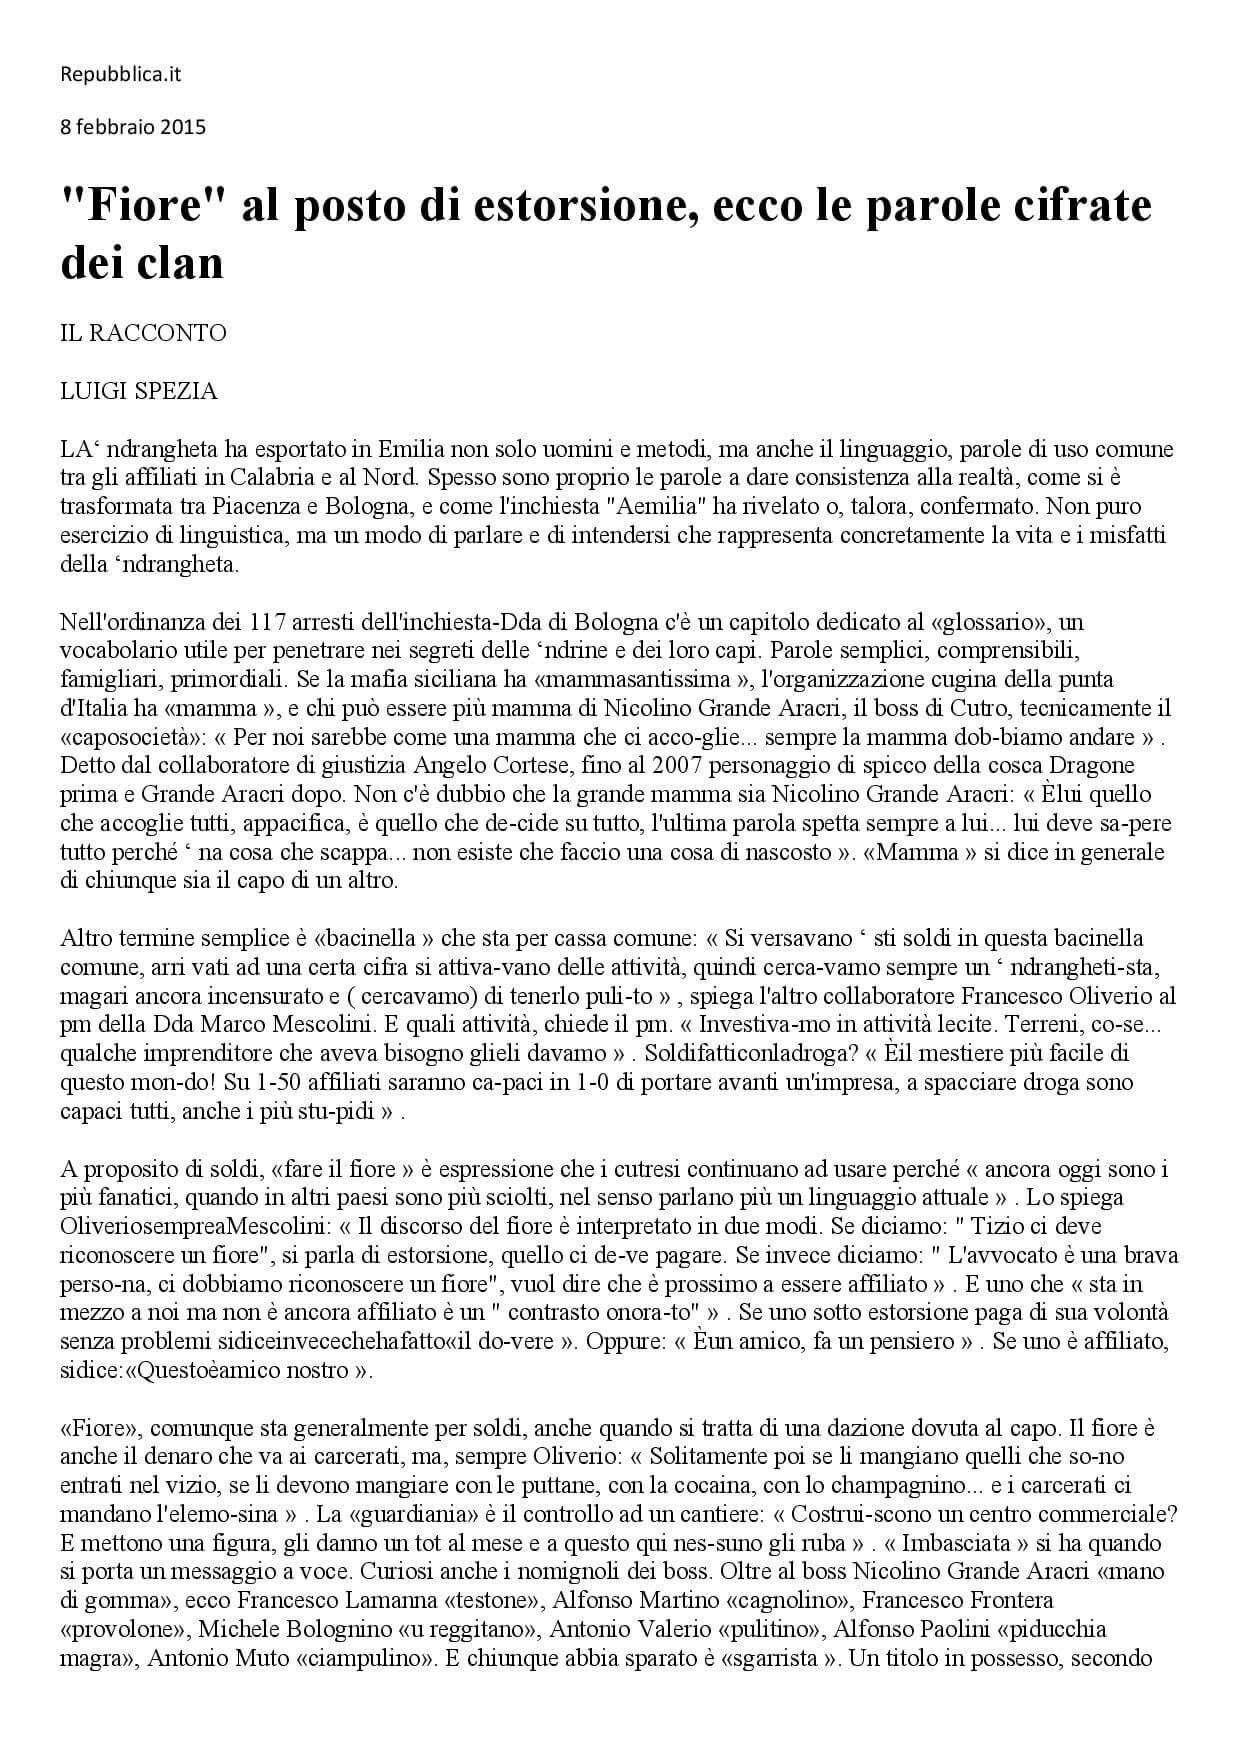 8_2_15__repubblica_fiore-page-001